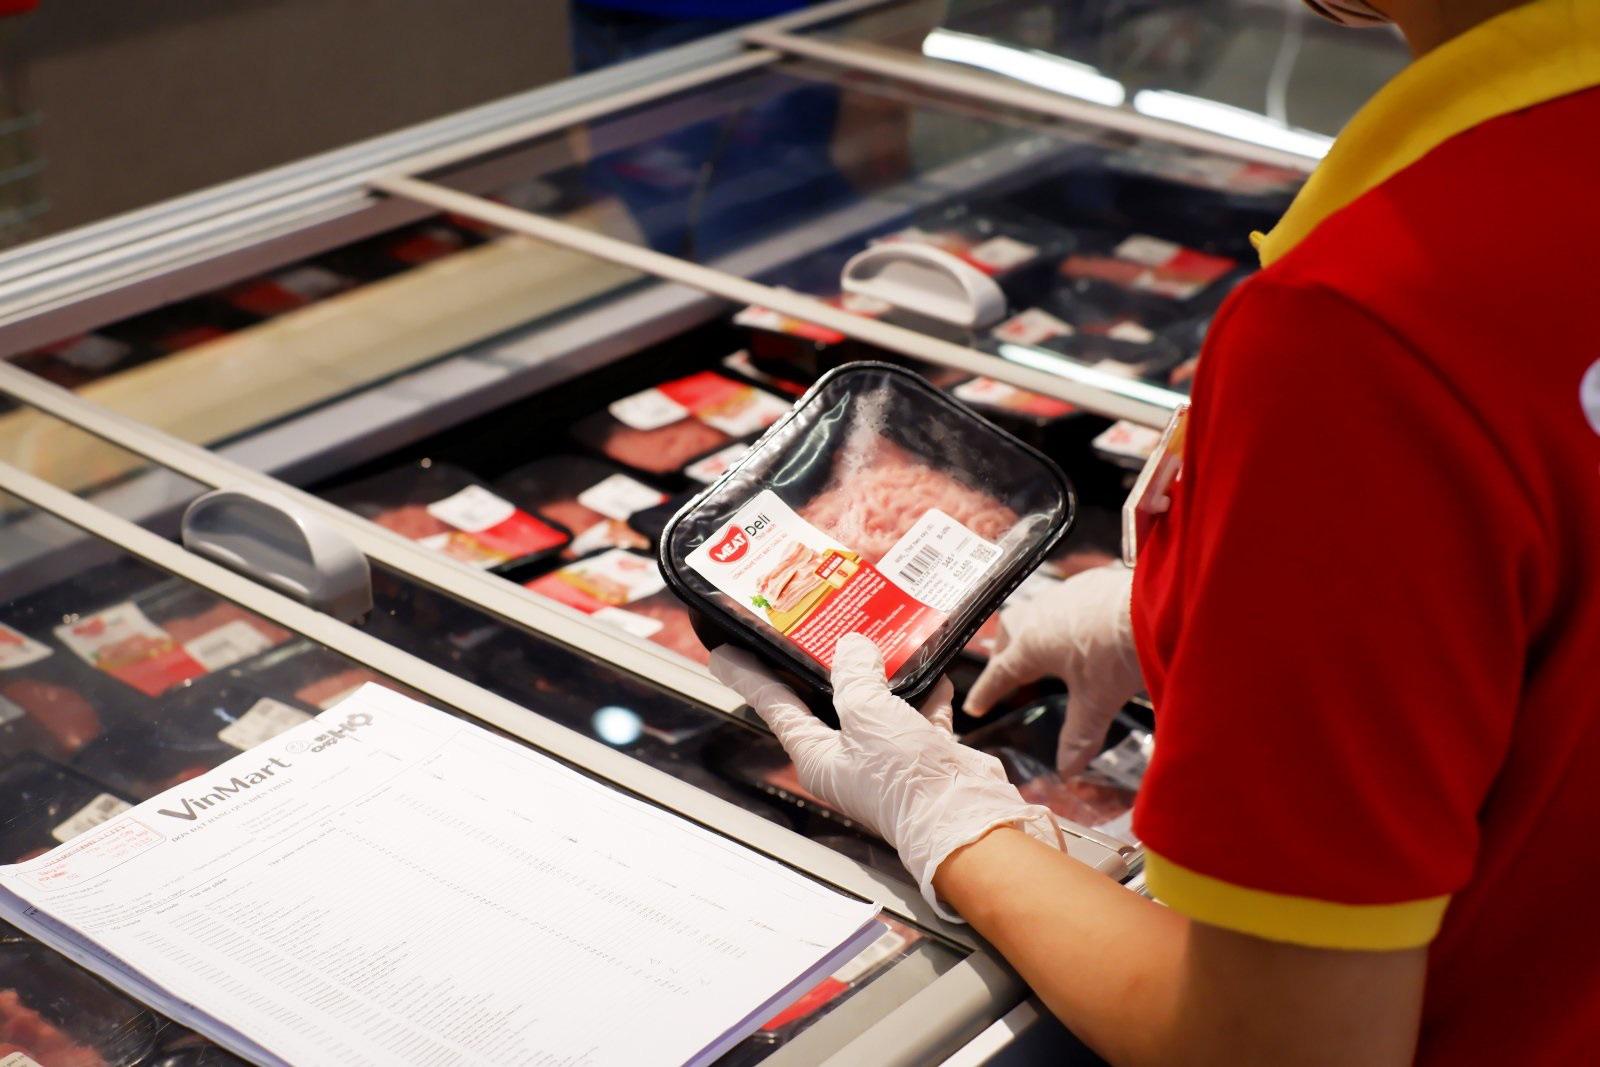 Đóng cửa 700 cửa hàng Vinmart, Masan vẫn ghi nhận doanh thu và tăng trưởng kỷ lục trong quý 1/2021 - Ảnh 7.